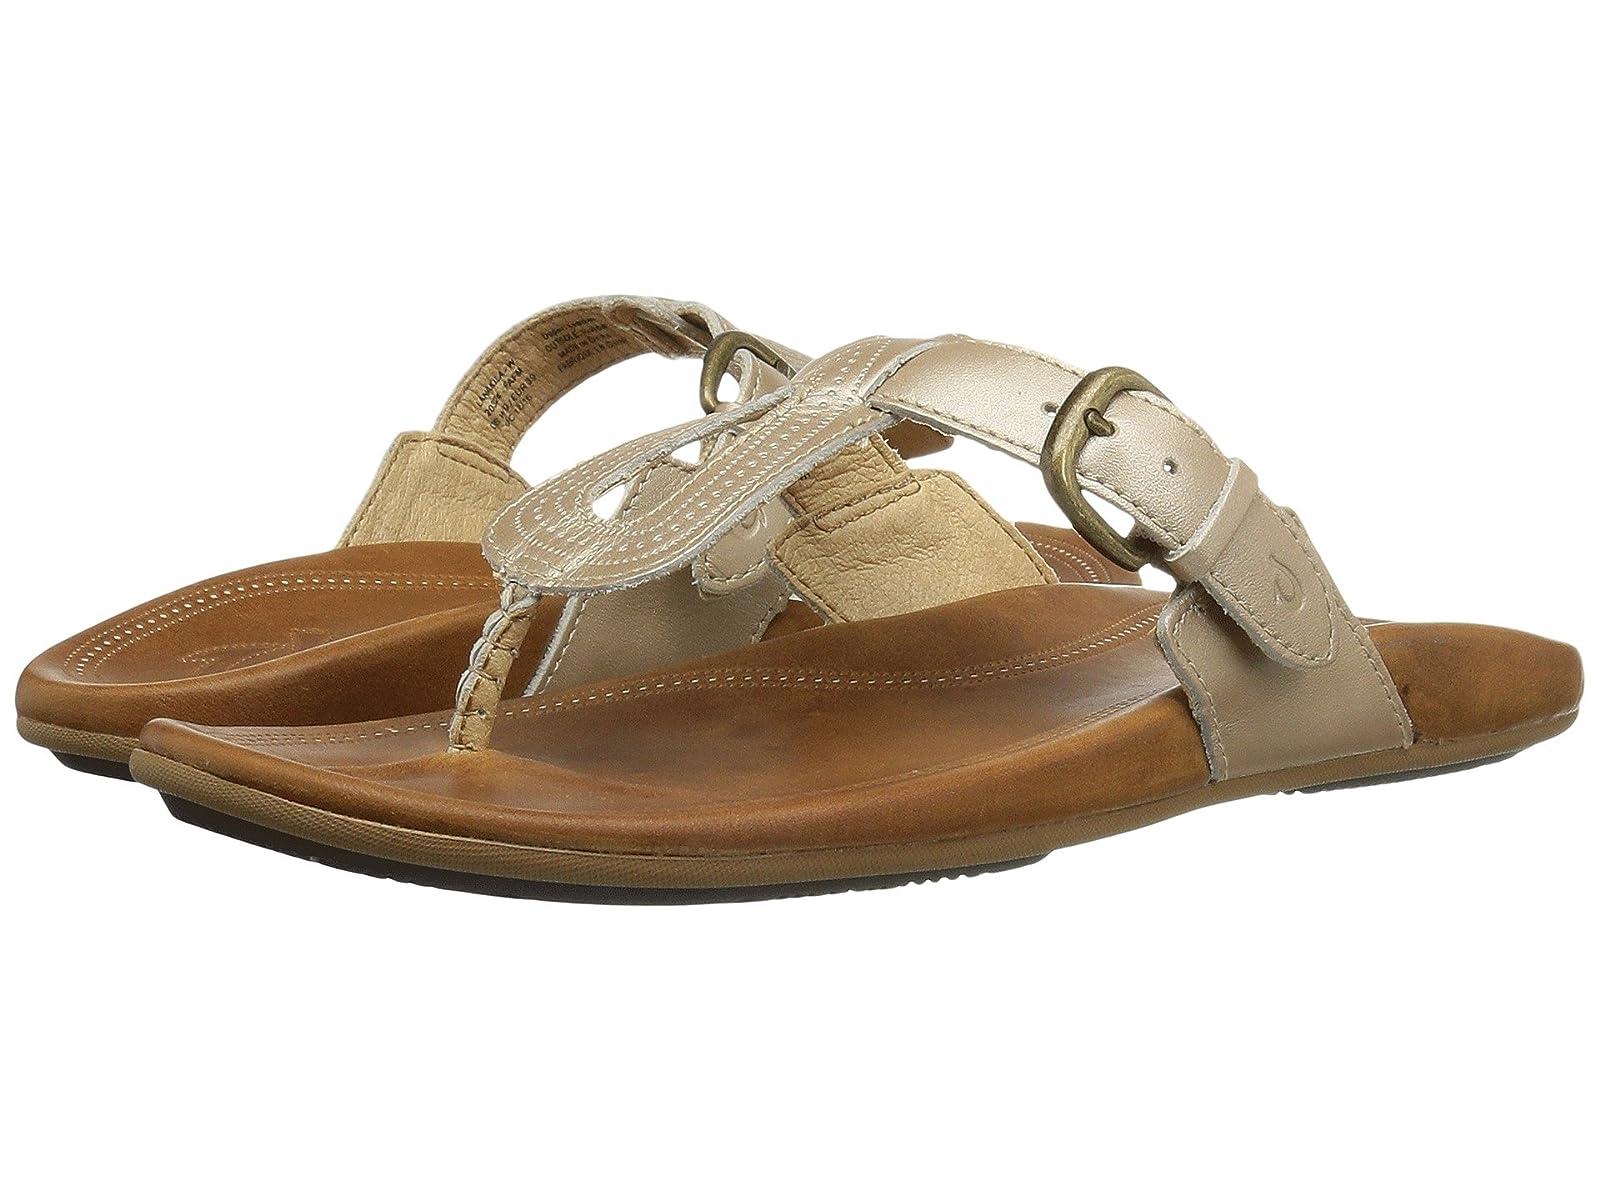 OluKai LanakilaAtmospheric grades have affordable shoes